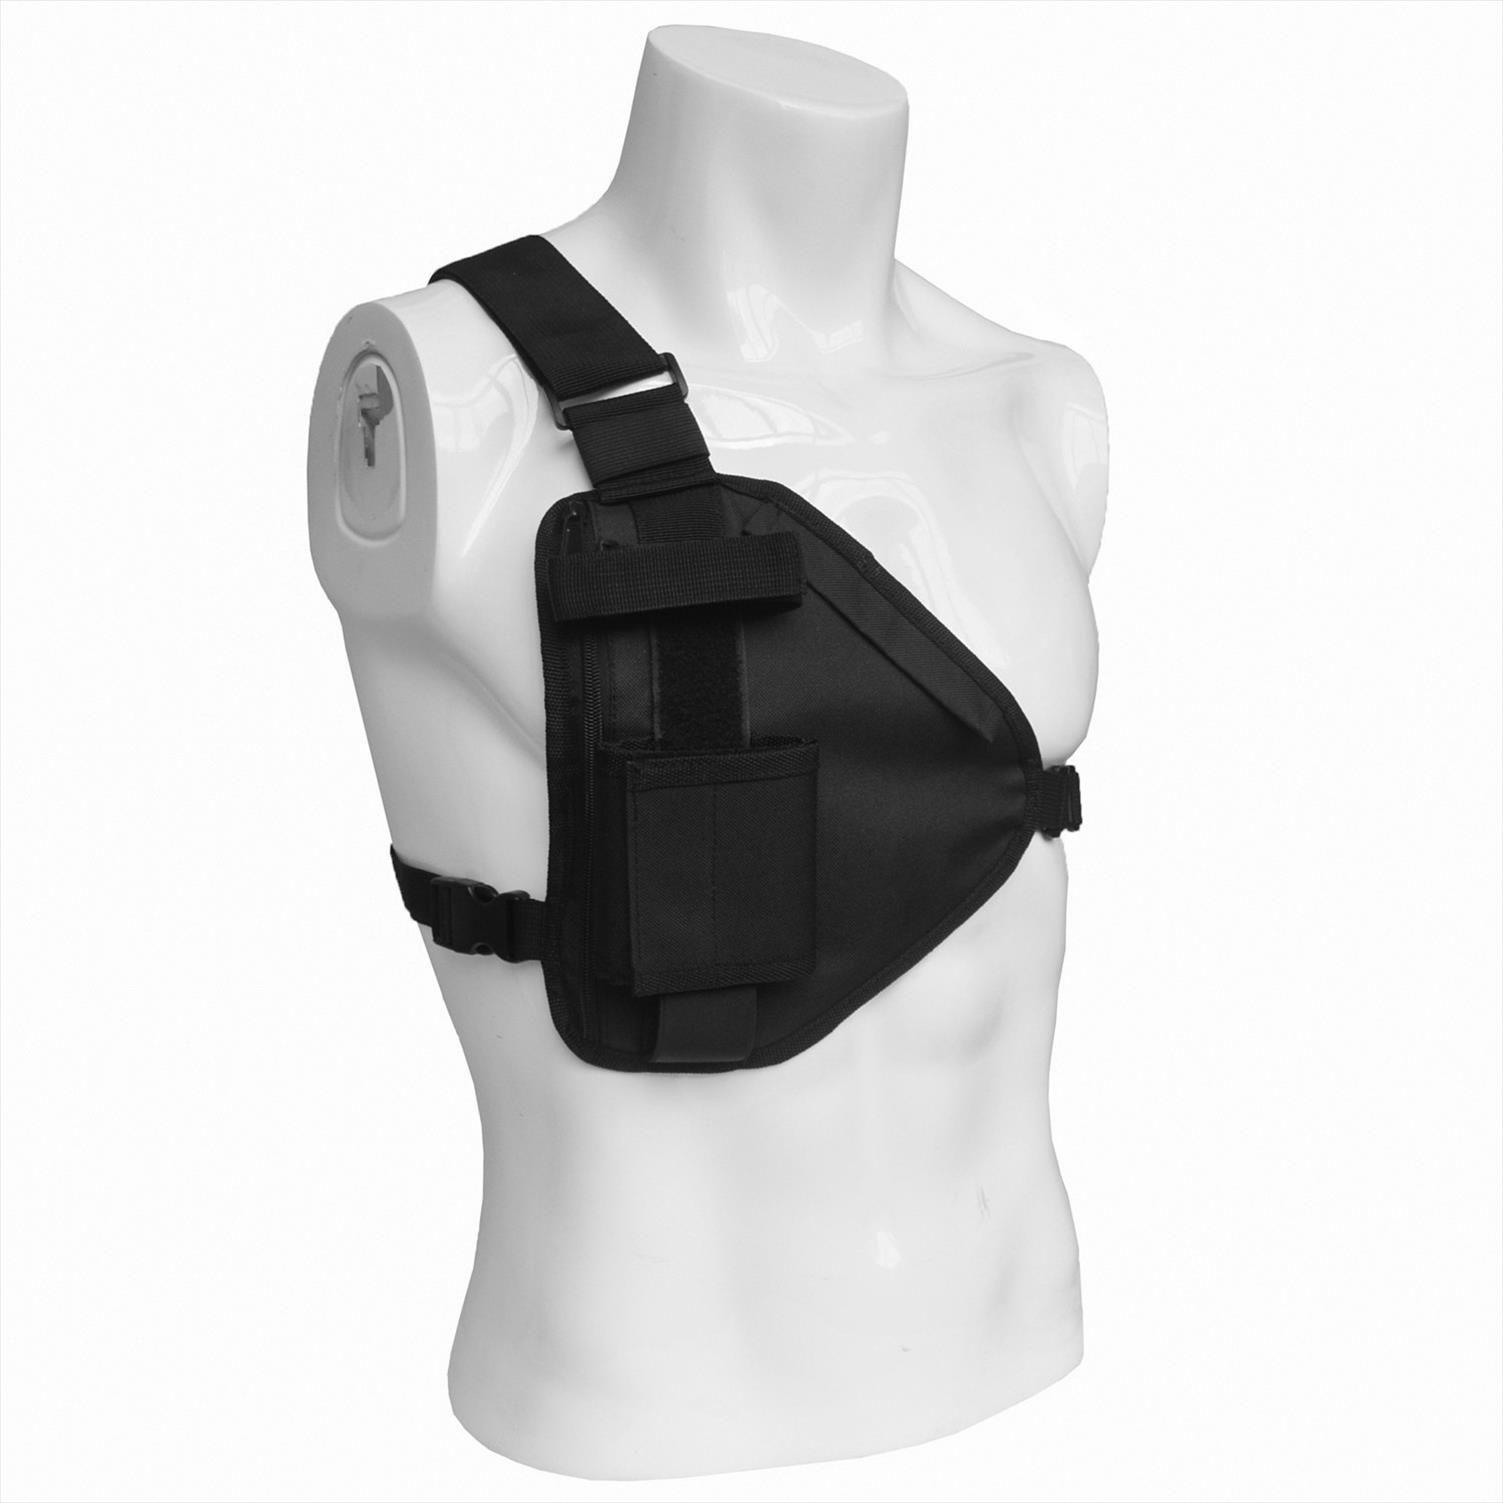 El equipo de perforación del nuevo pecho Streetwear funcional del hombro del bolso del pecho del arnés ajustable Cruz Bolsa táctica anti robo Bolsas paquetes de la cintura